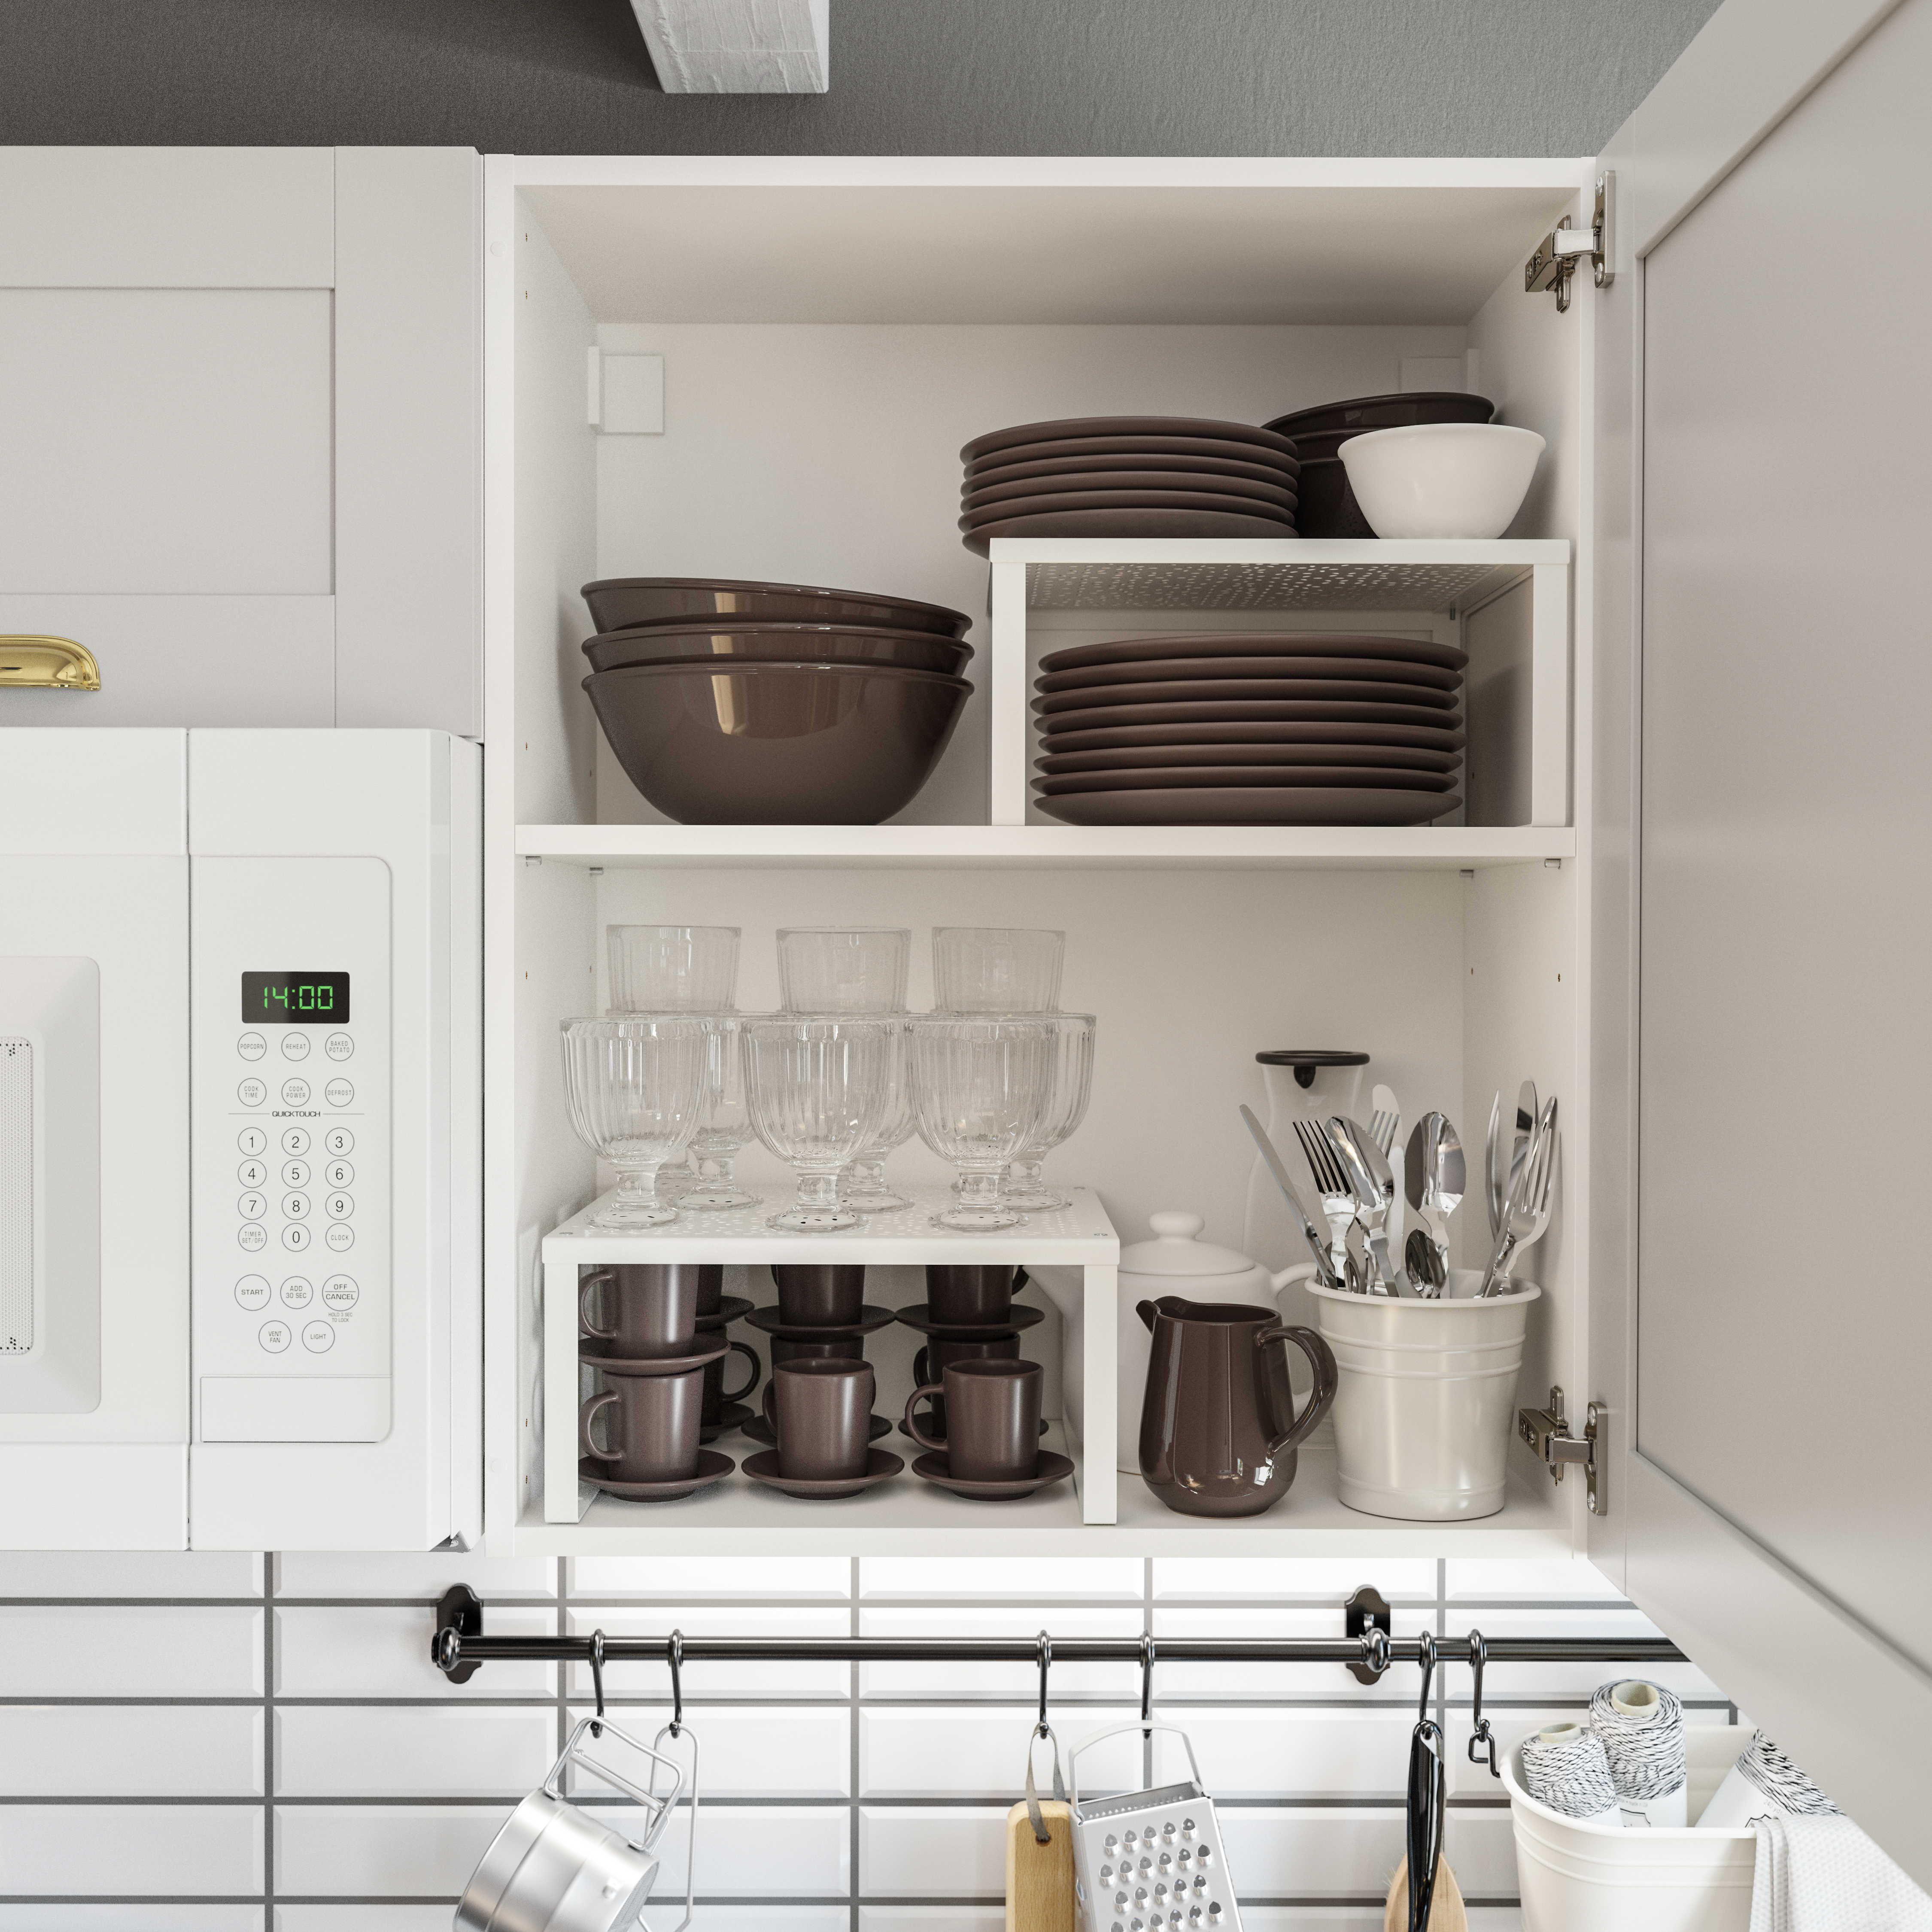 Knoxhult Bovenkast Met Deur Grijs Koop Het Vandaag Ikea Keuken Bovenkast Keuken Decoratie Grijze Keuken